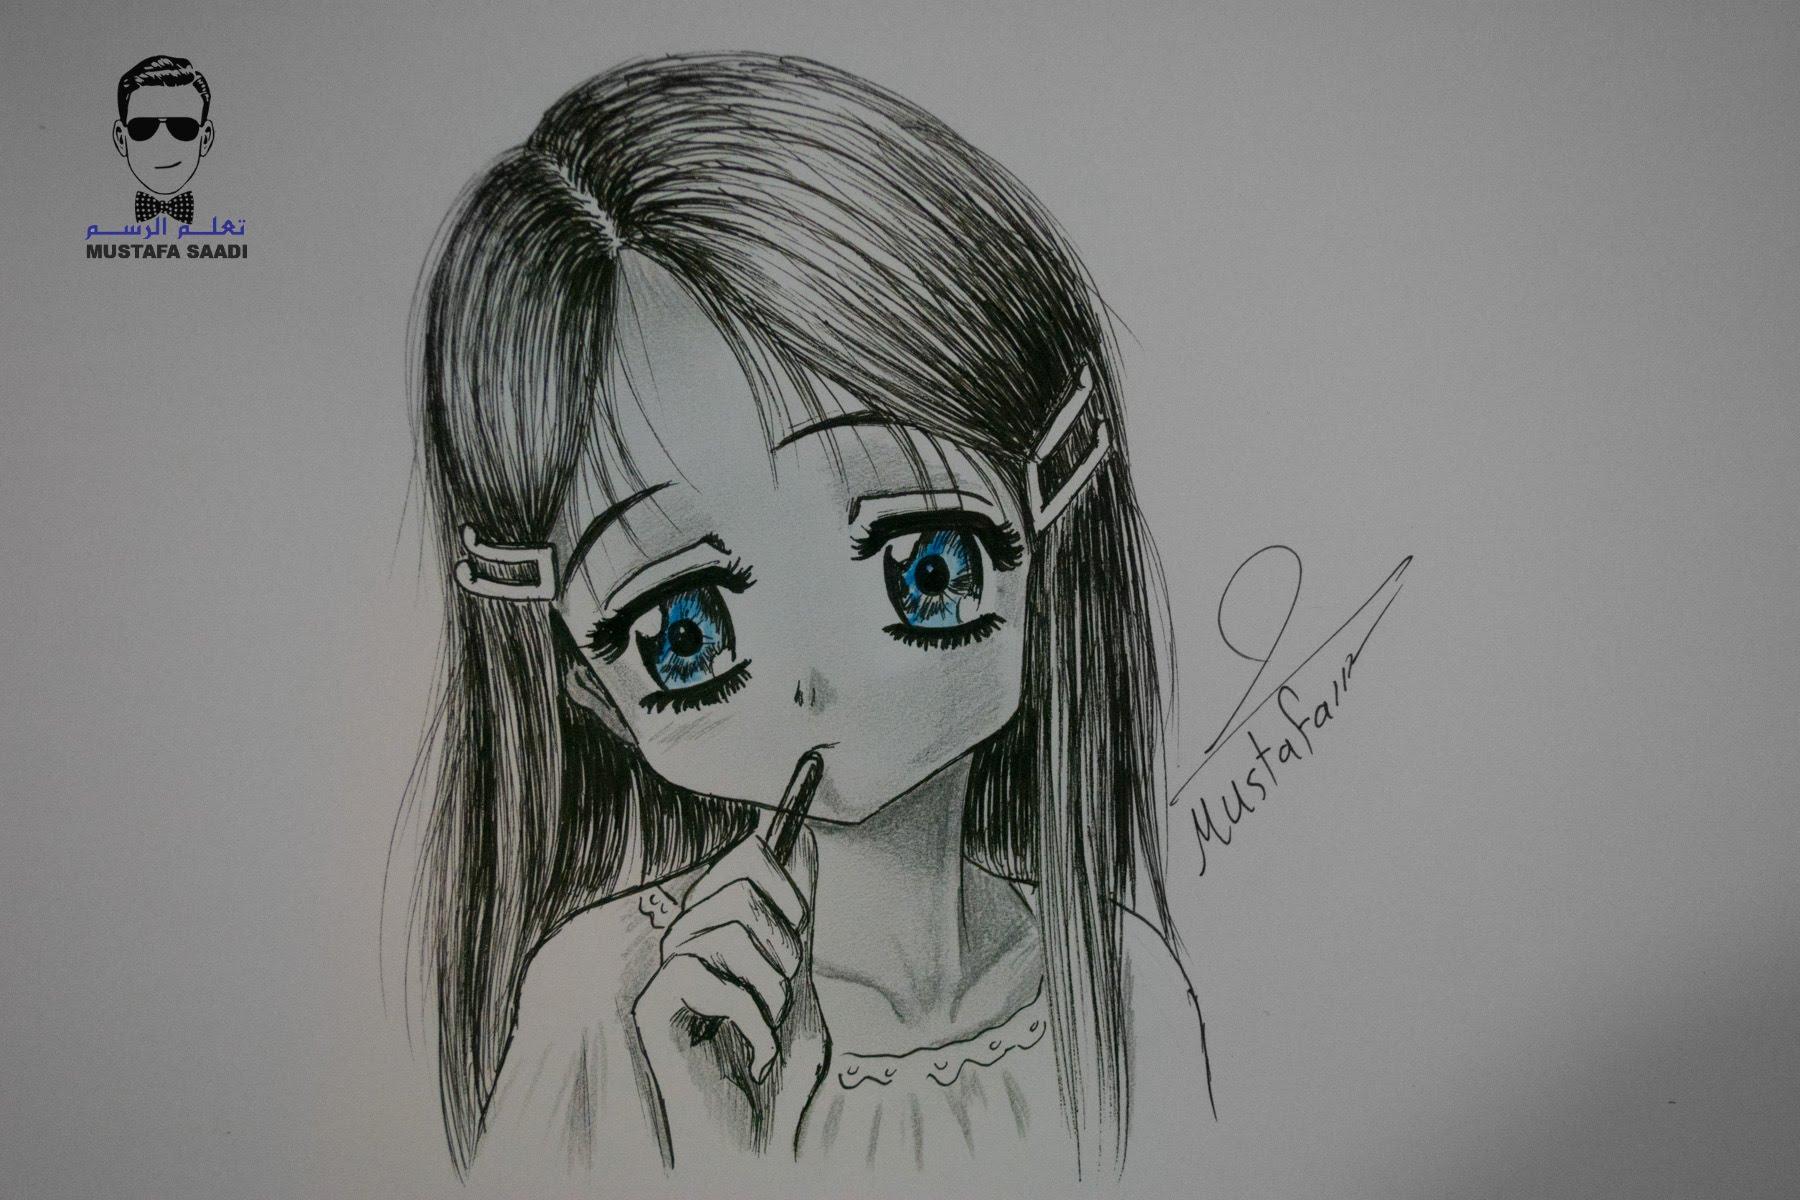 بالصور رسم انمي , اجمل صور لرسومات الانيمشن 3465 2